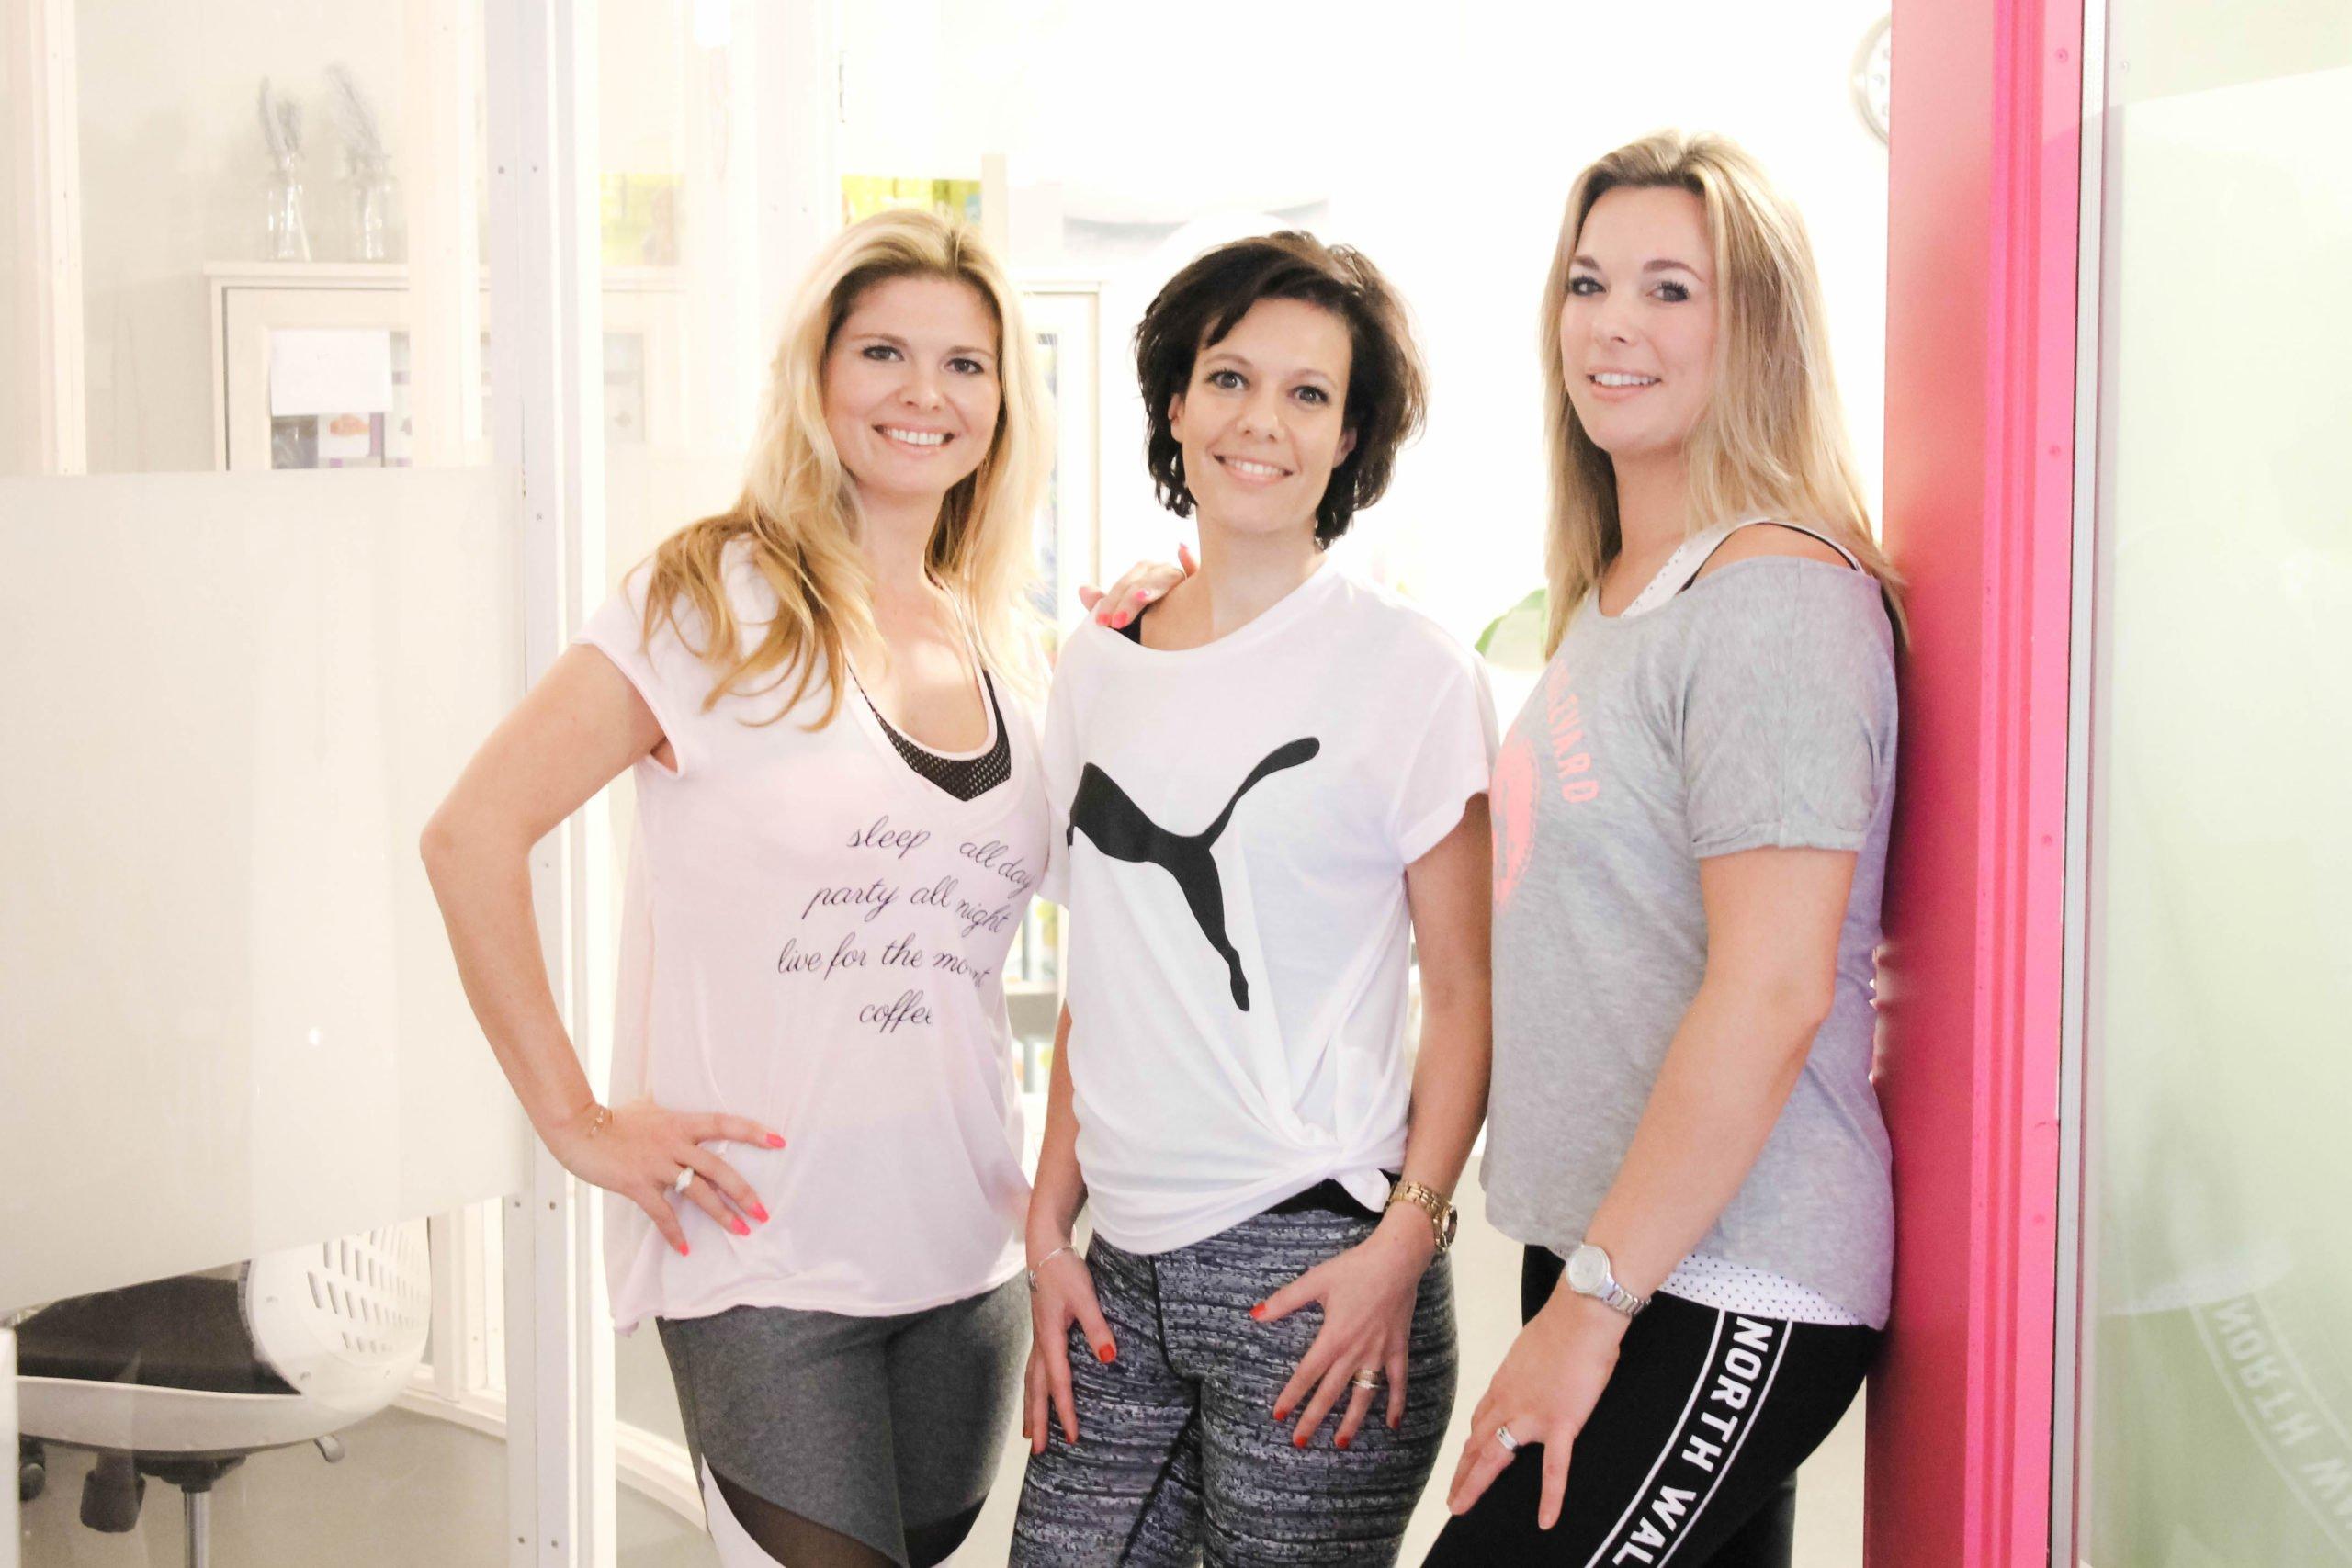 Gewichtsconsulente Rachel Hulshof, Anja van Dinter en Virginia van der Made